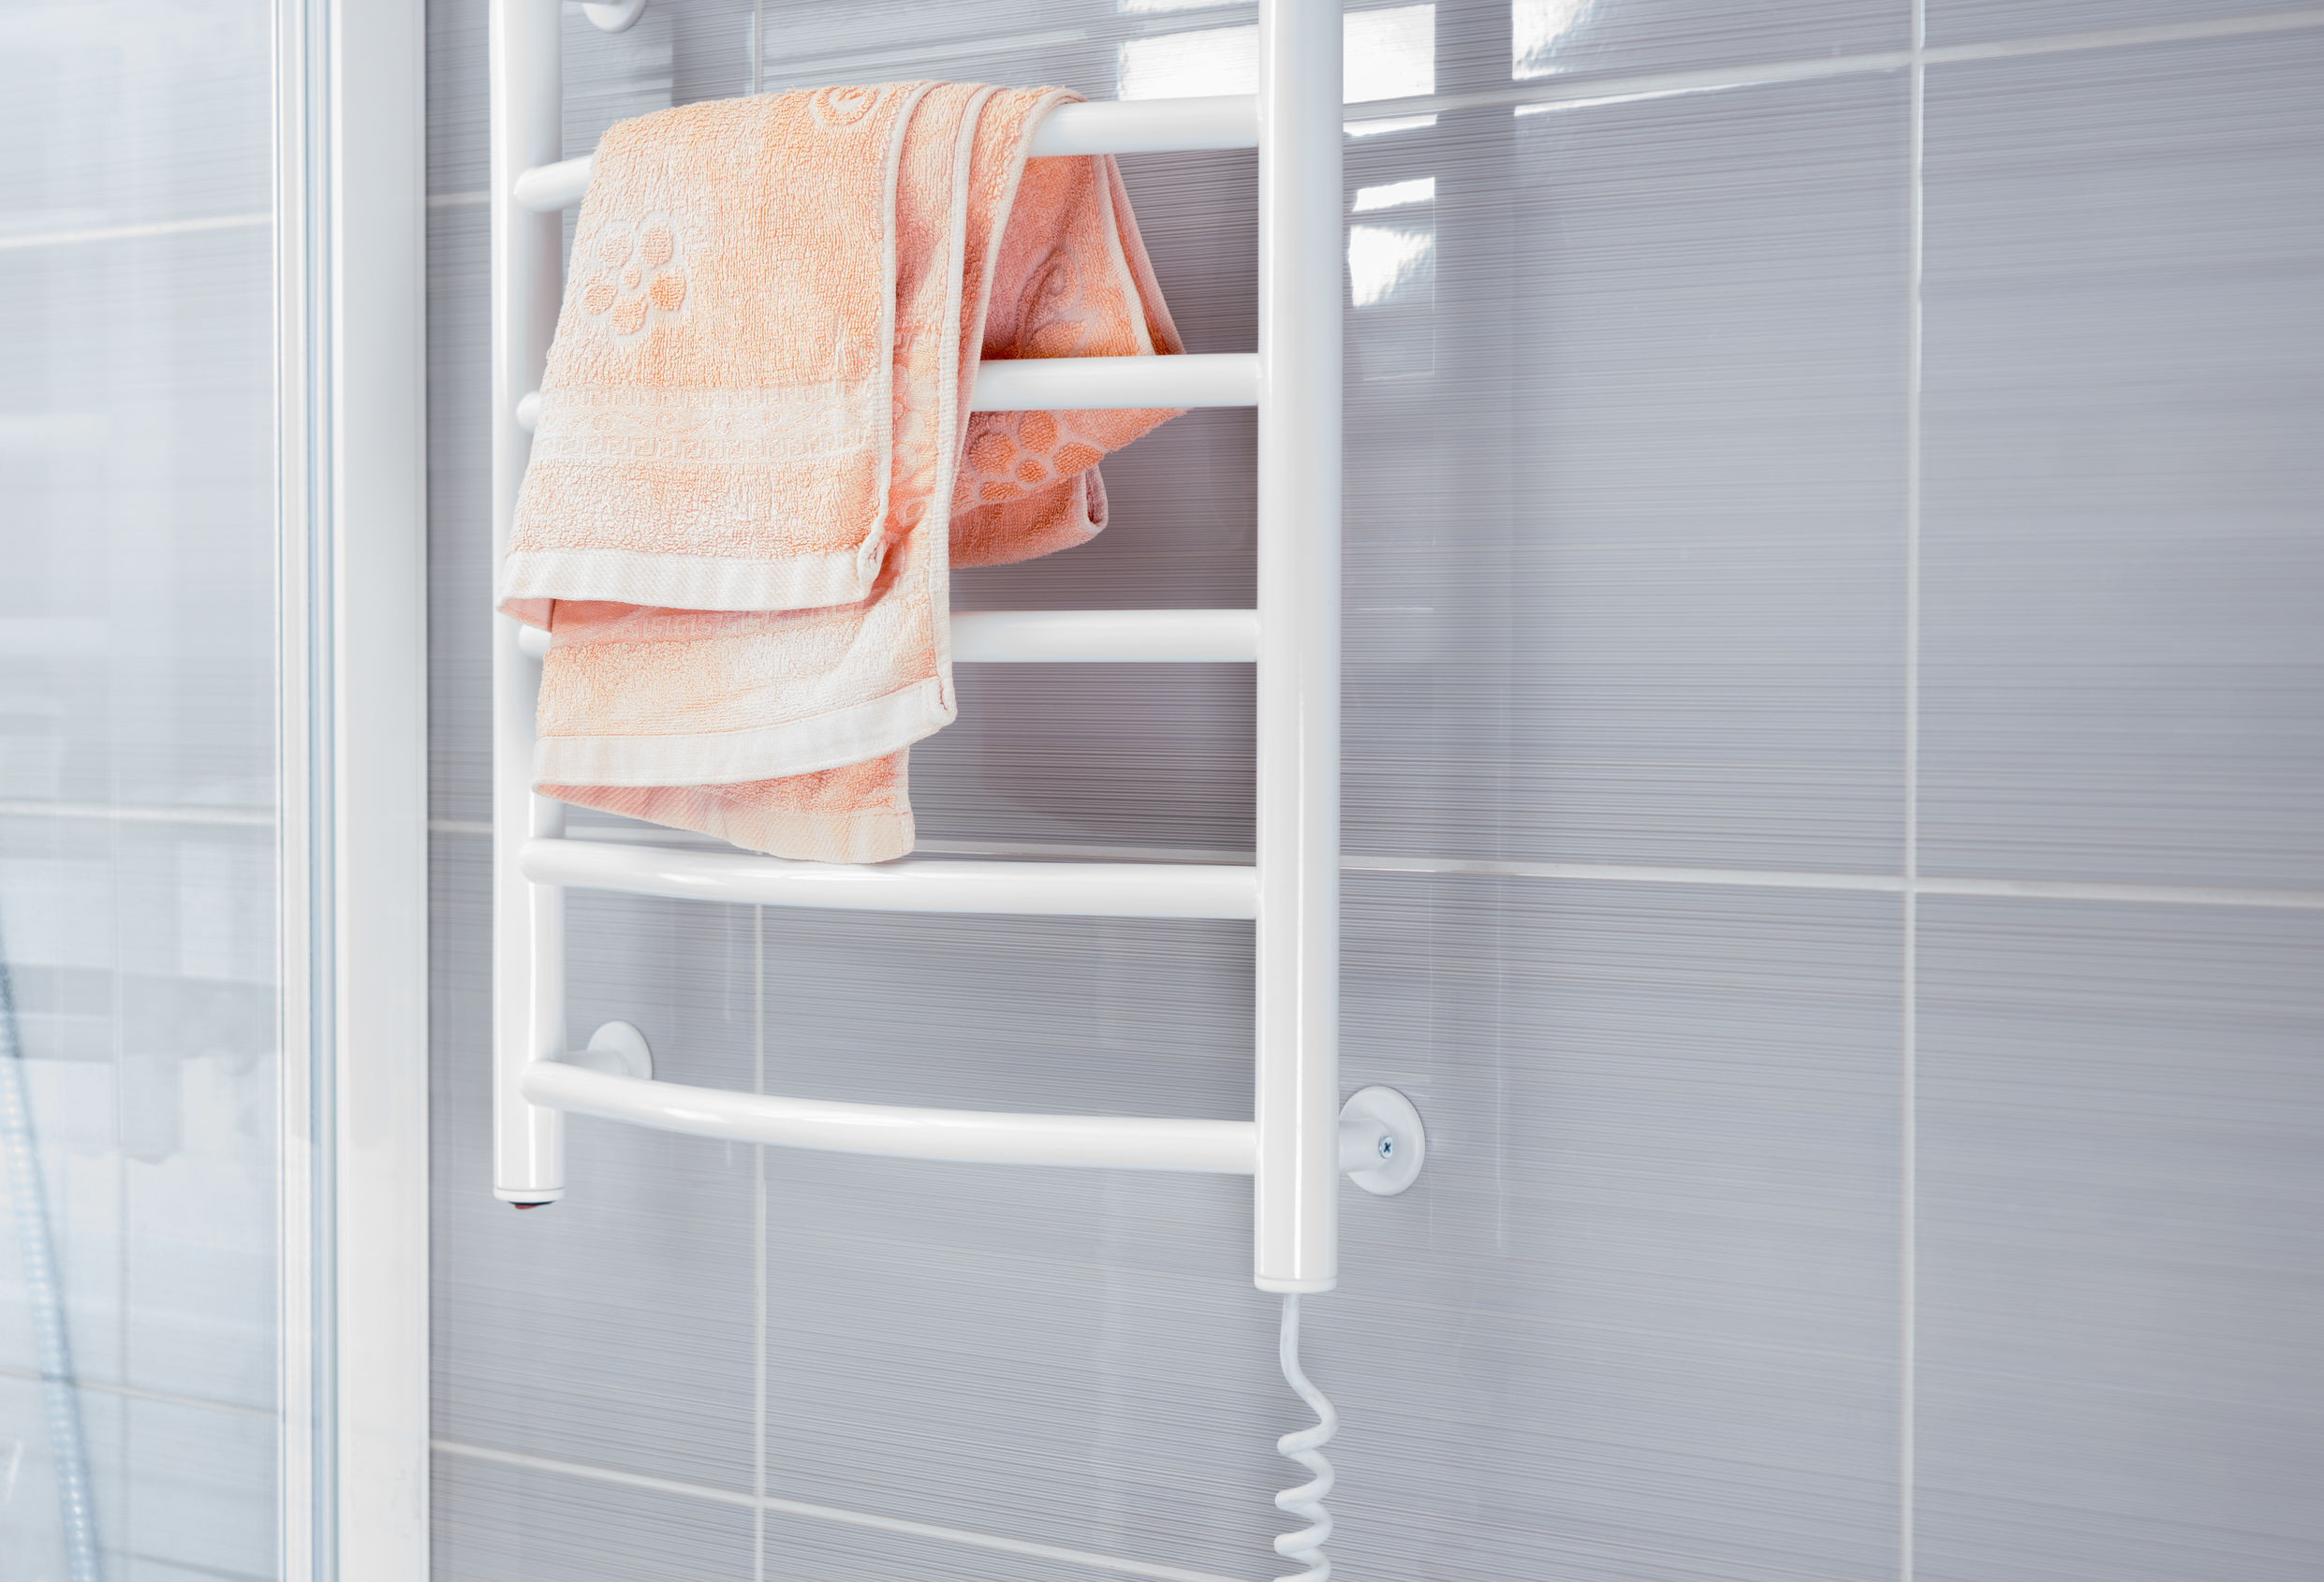 Baño vacío con la pared de la ducha gris de color blanco detrás de la rejilla para calentar el metal con una toalla de color rosa en la parte superior plegada